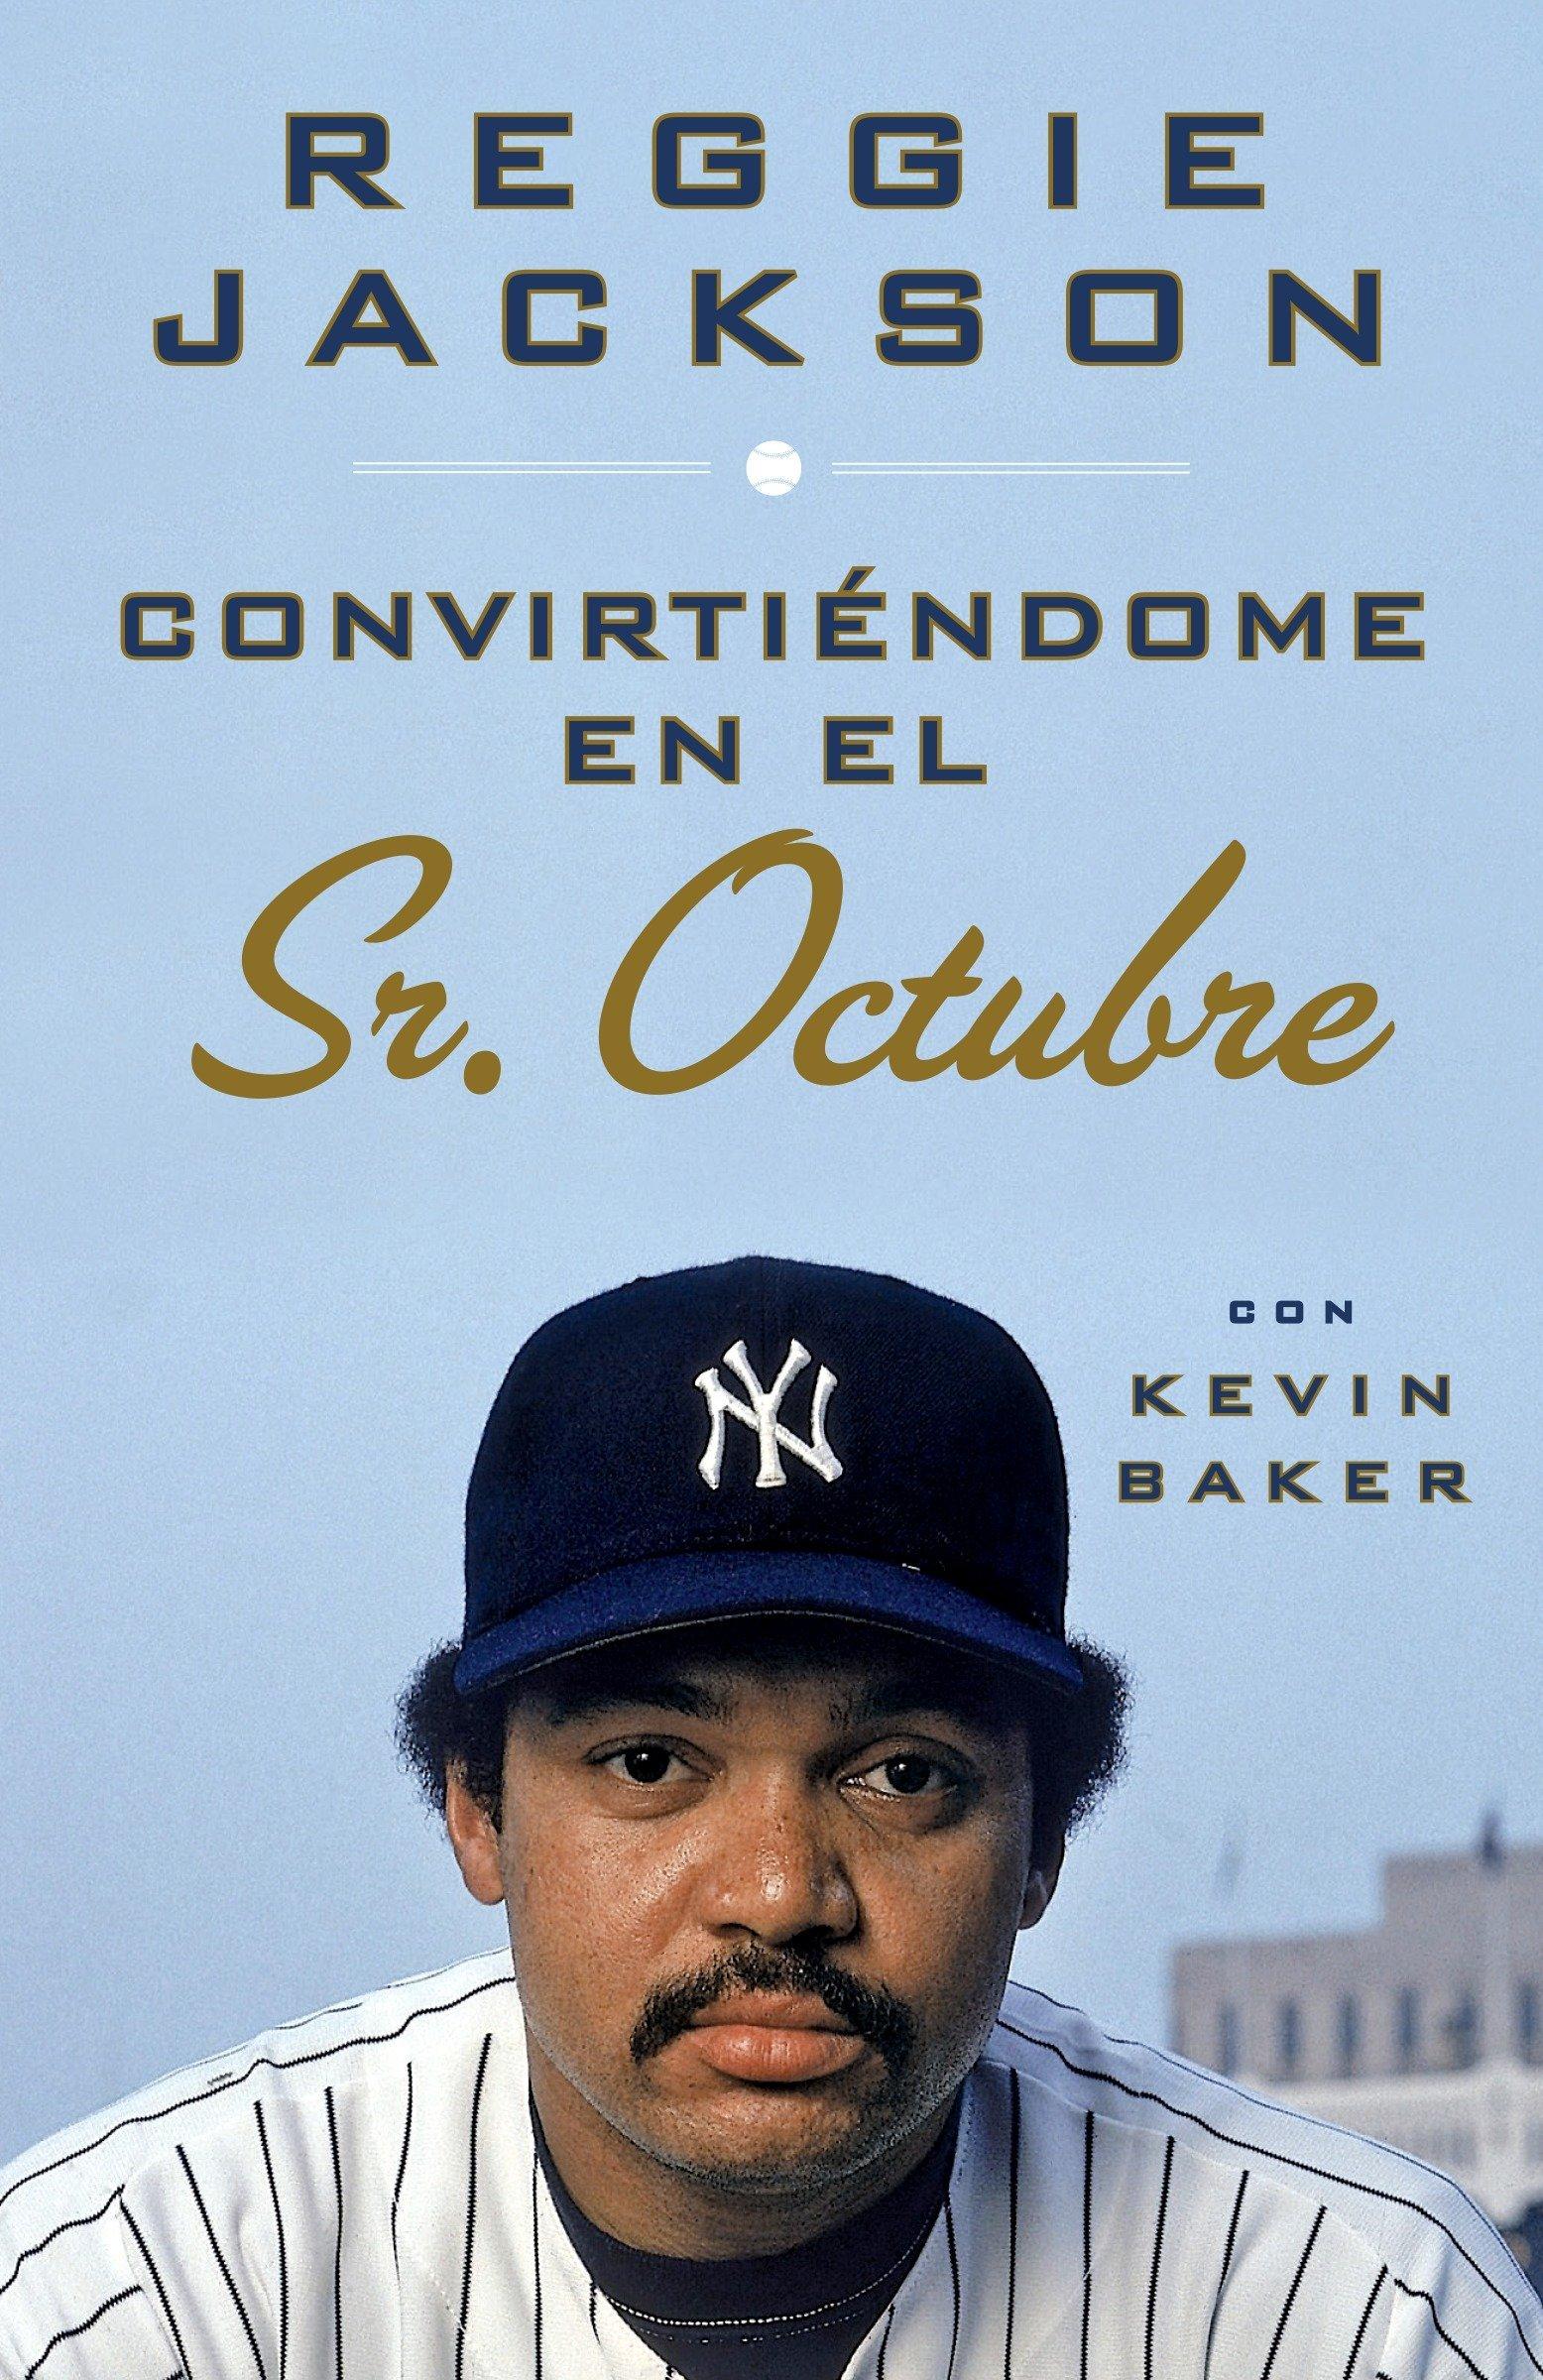 Convirtiendome en el Sr. Octubre (Spanish Edition)